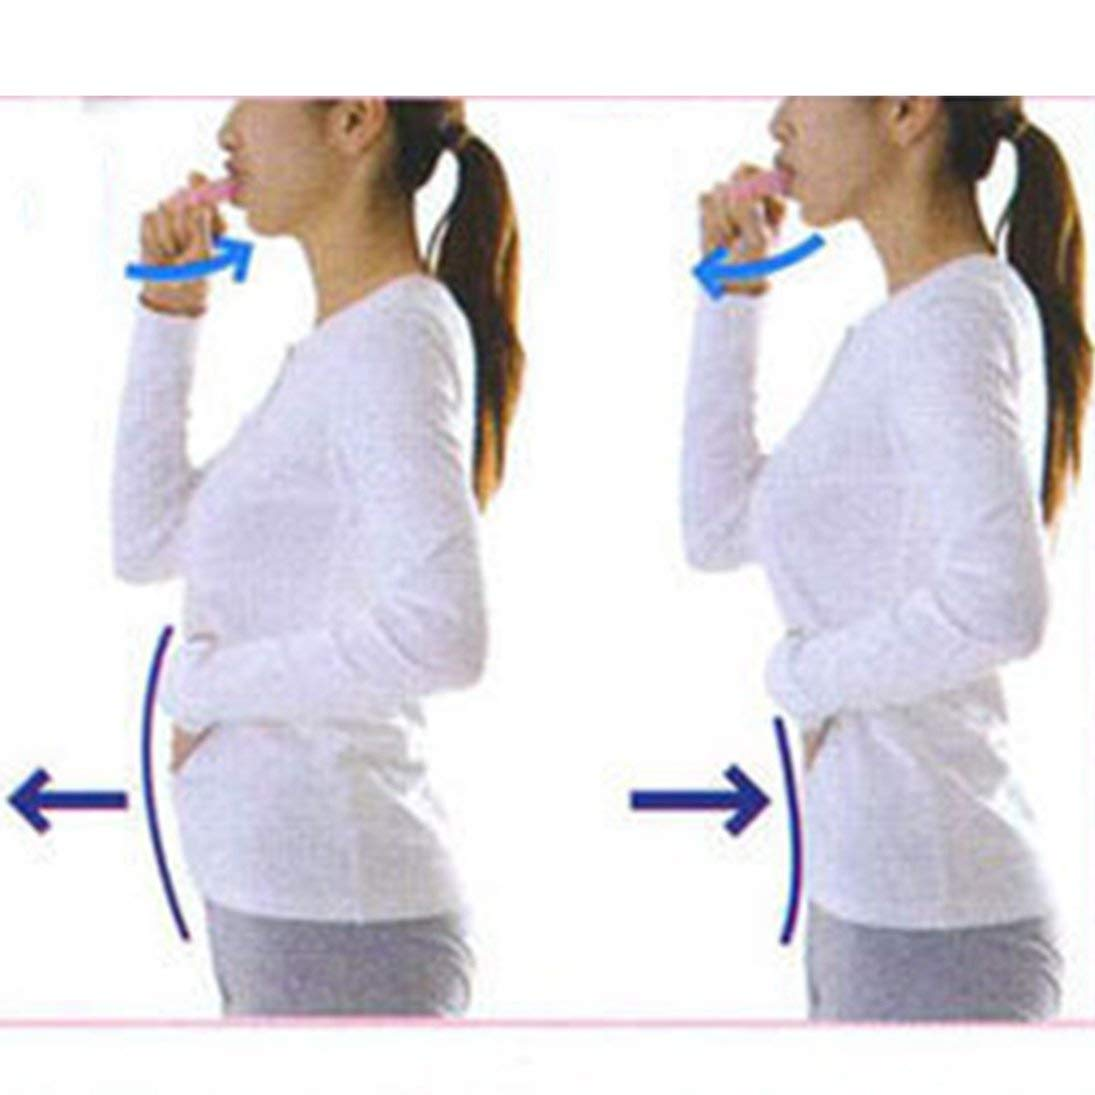 WEIHAN Portable 3 /étapes respirateur Abdominal Exerciseur respiratoire Minceur Taille Visage Perdre du Poids Augmenter la Capacit/é Lung Capacit/é Entra/îneur